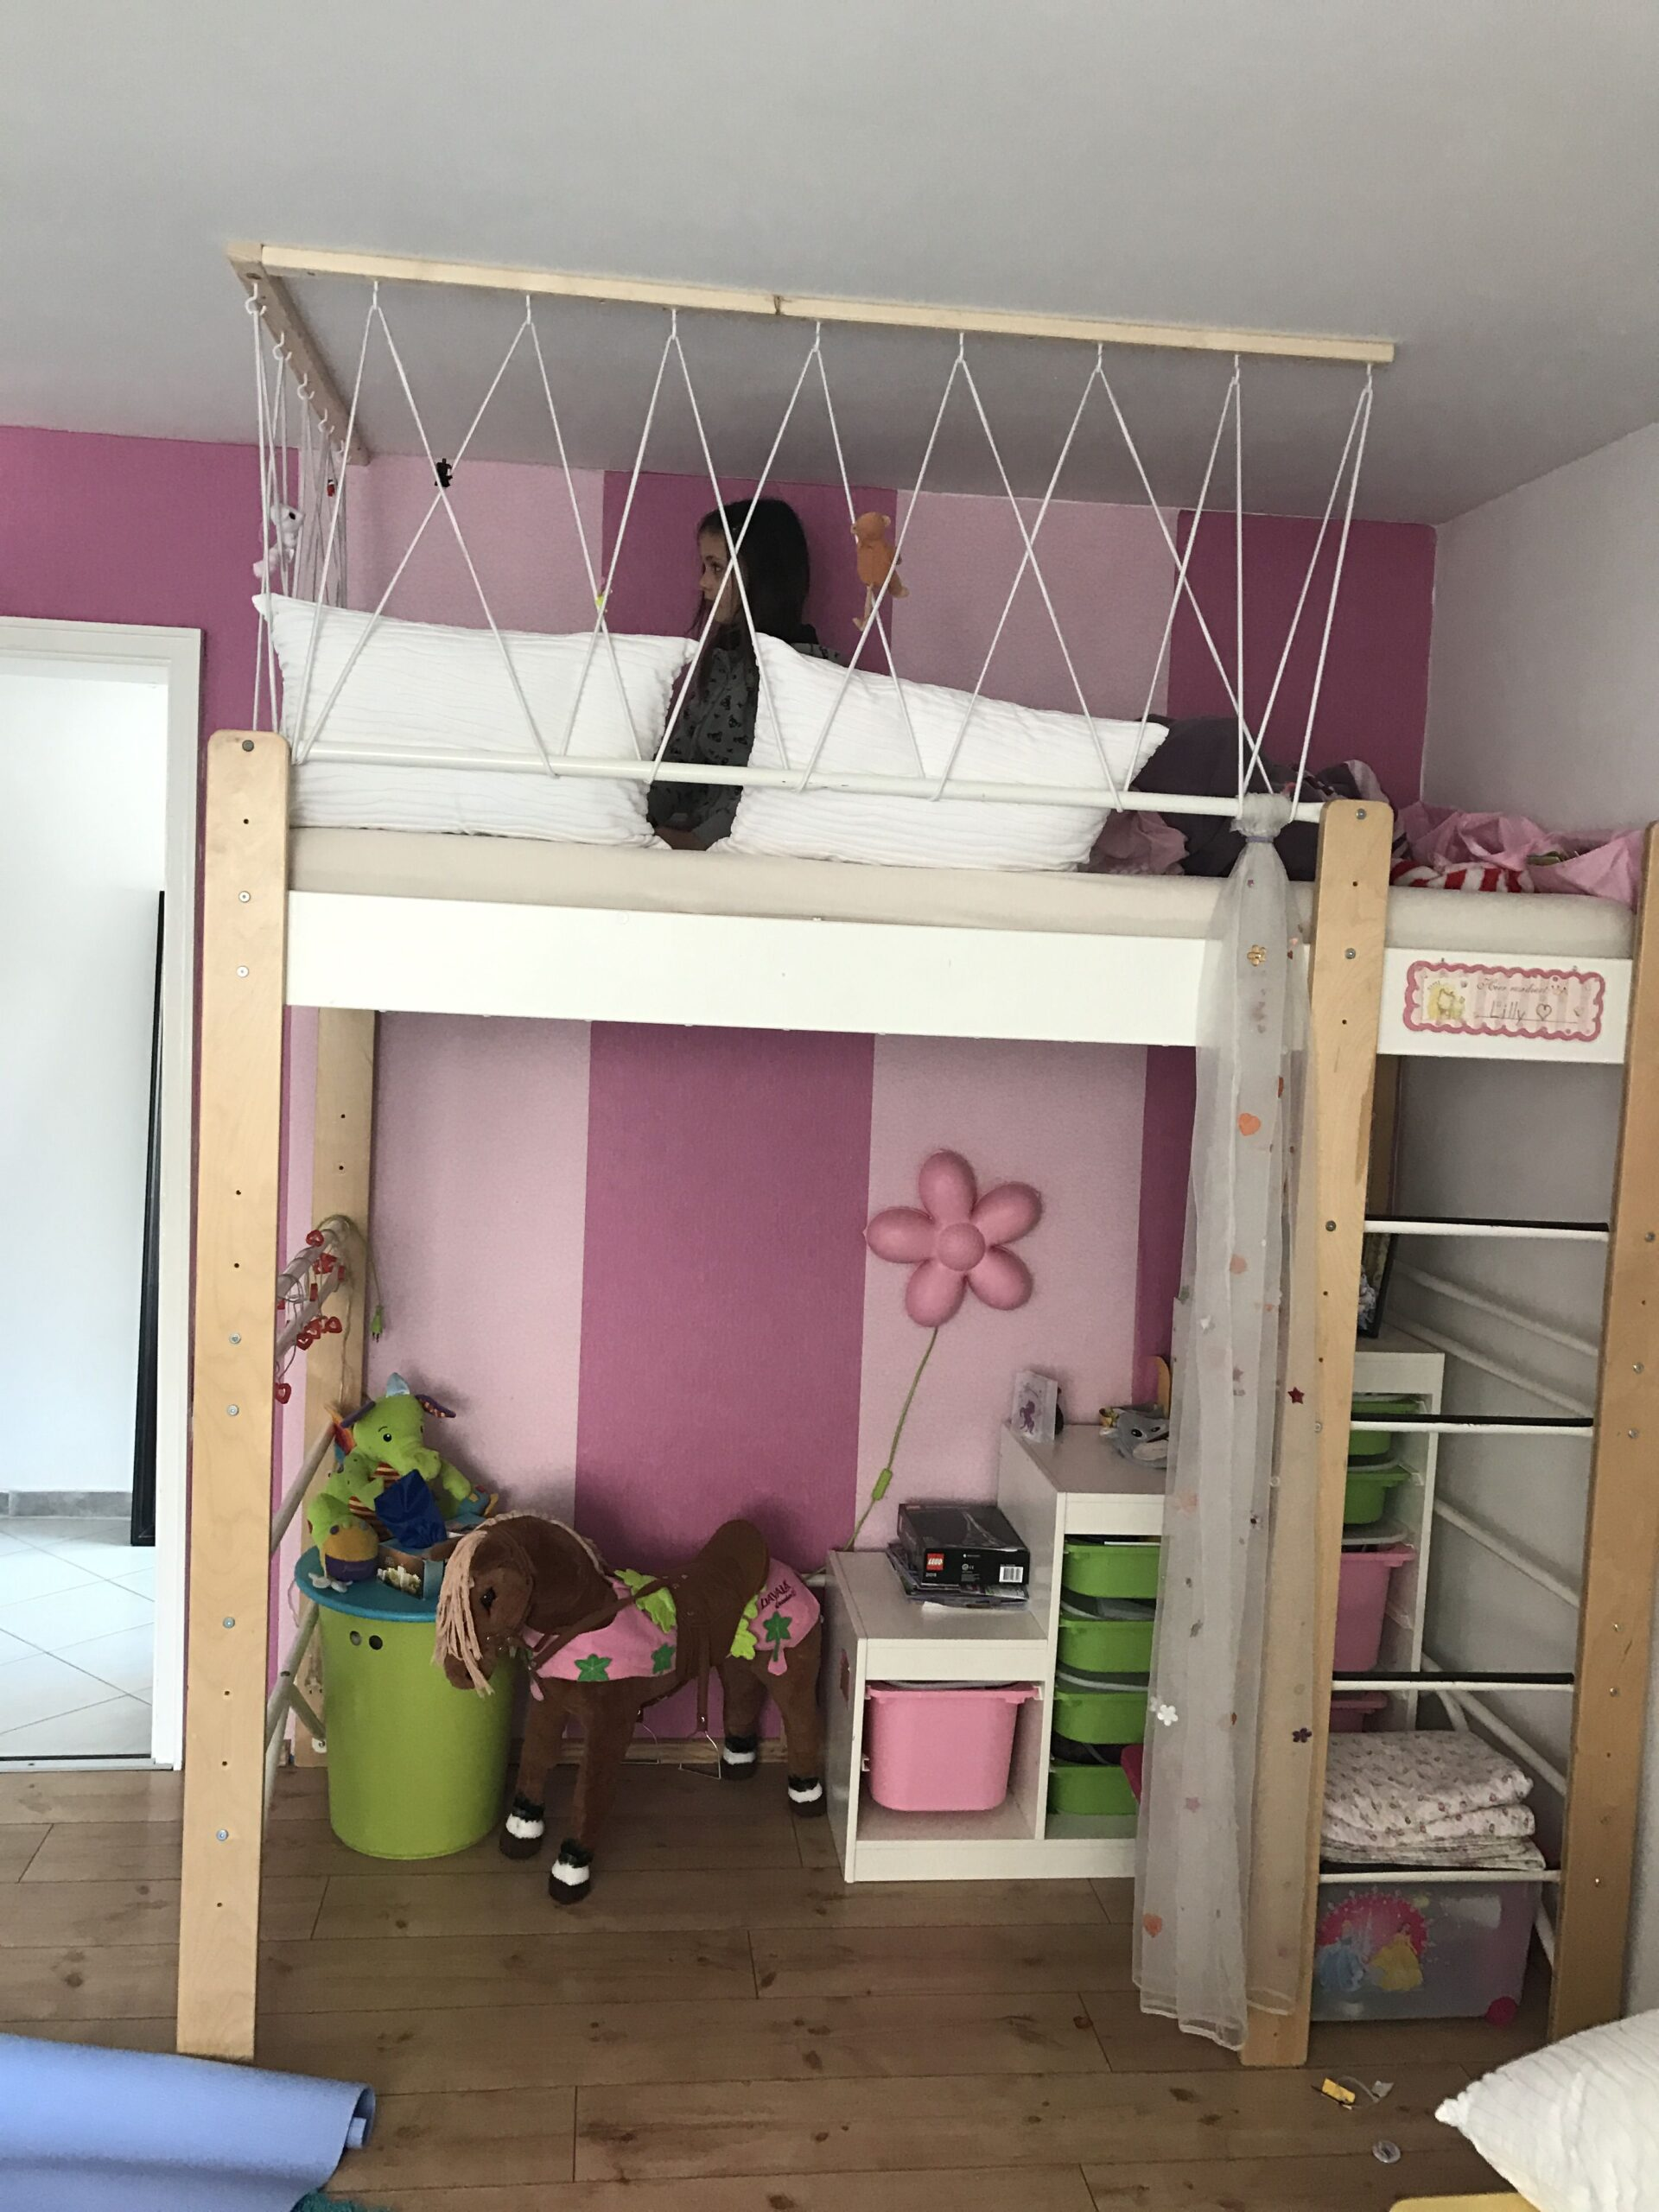 Full Size of Rausfallschutz Selbst Gemacht Frs Hochbett Bett Kinderzimmer Küche Zusammenstellen Wohnzimmer Rausfallschutz Selbst Gemacht